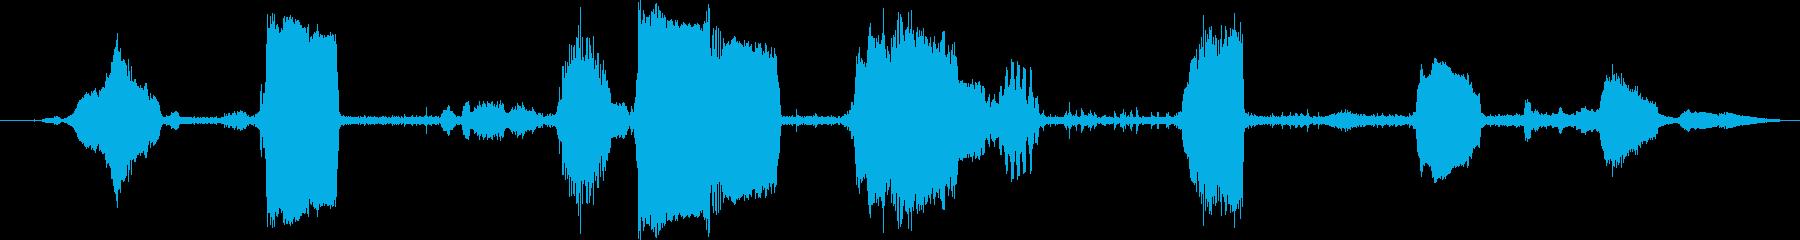 ヒツジのグループ:内線:常時呼び出...の再生済みの波形